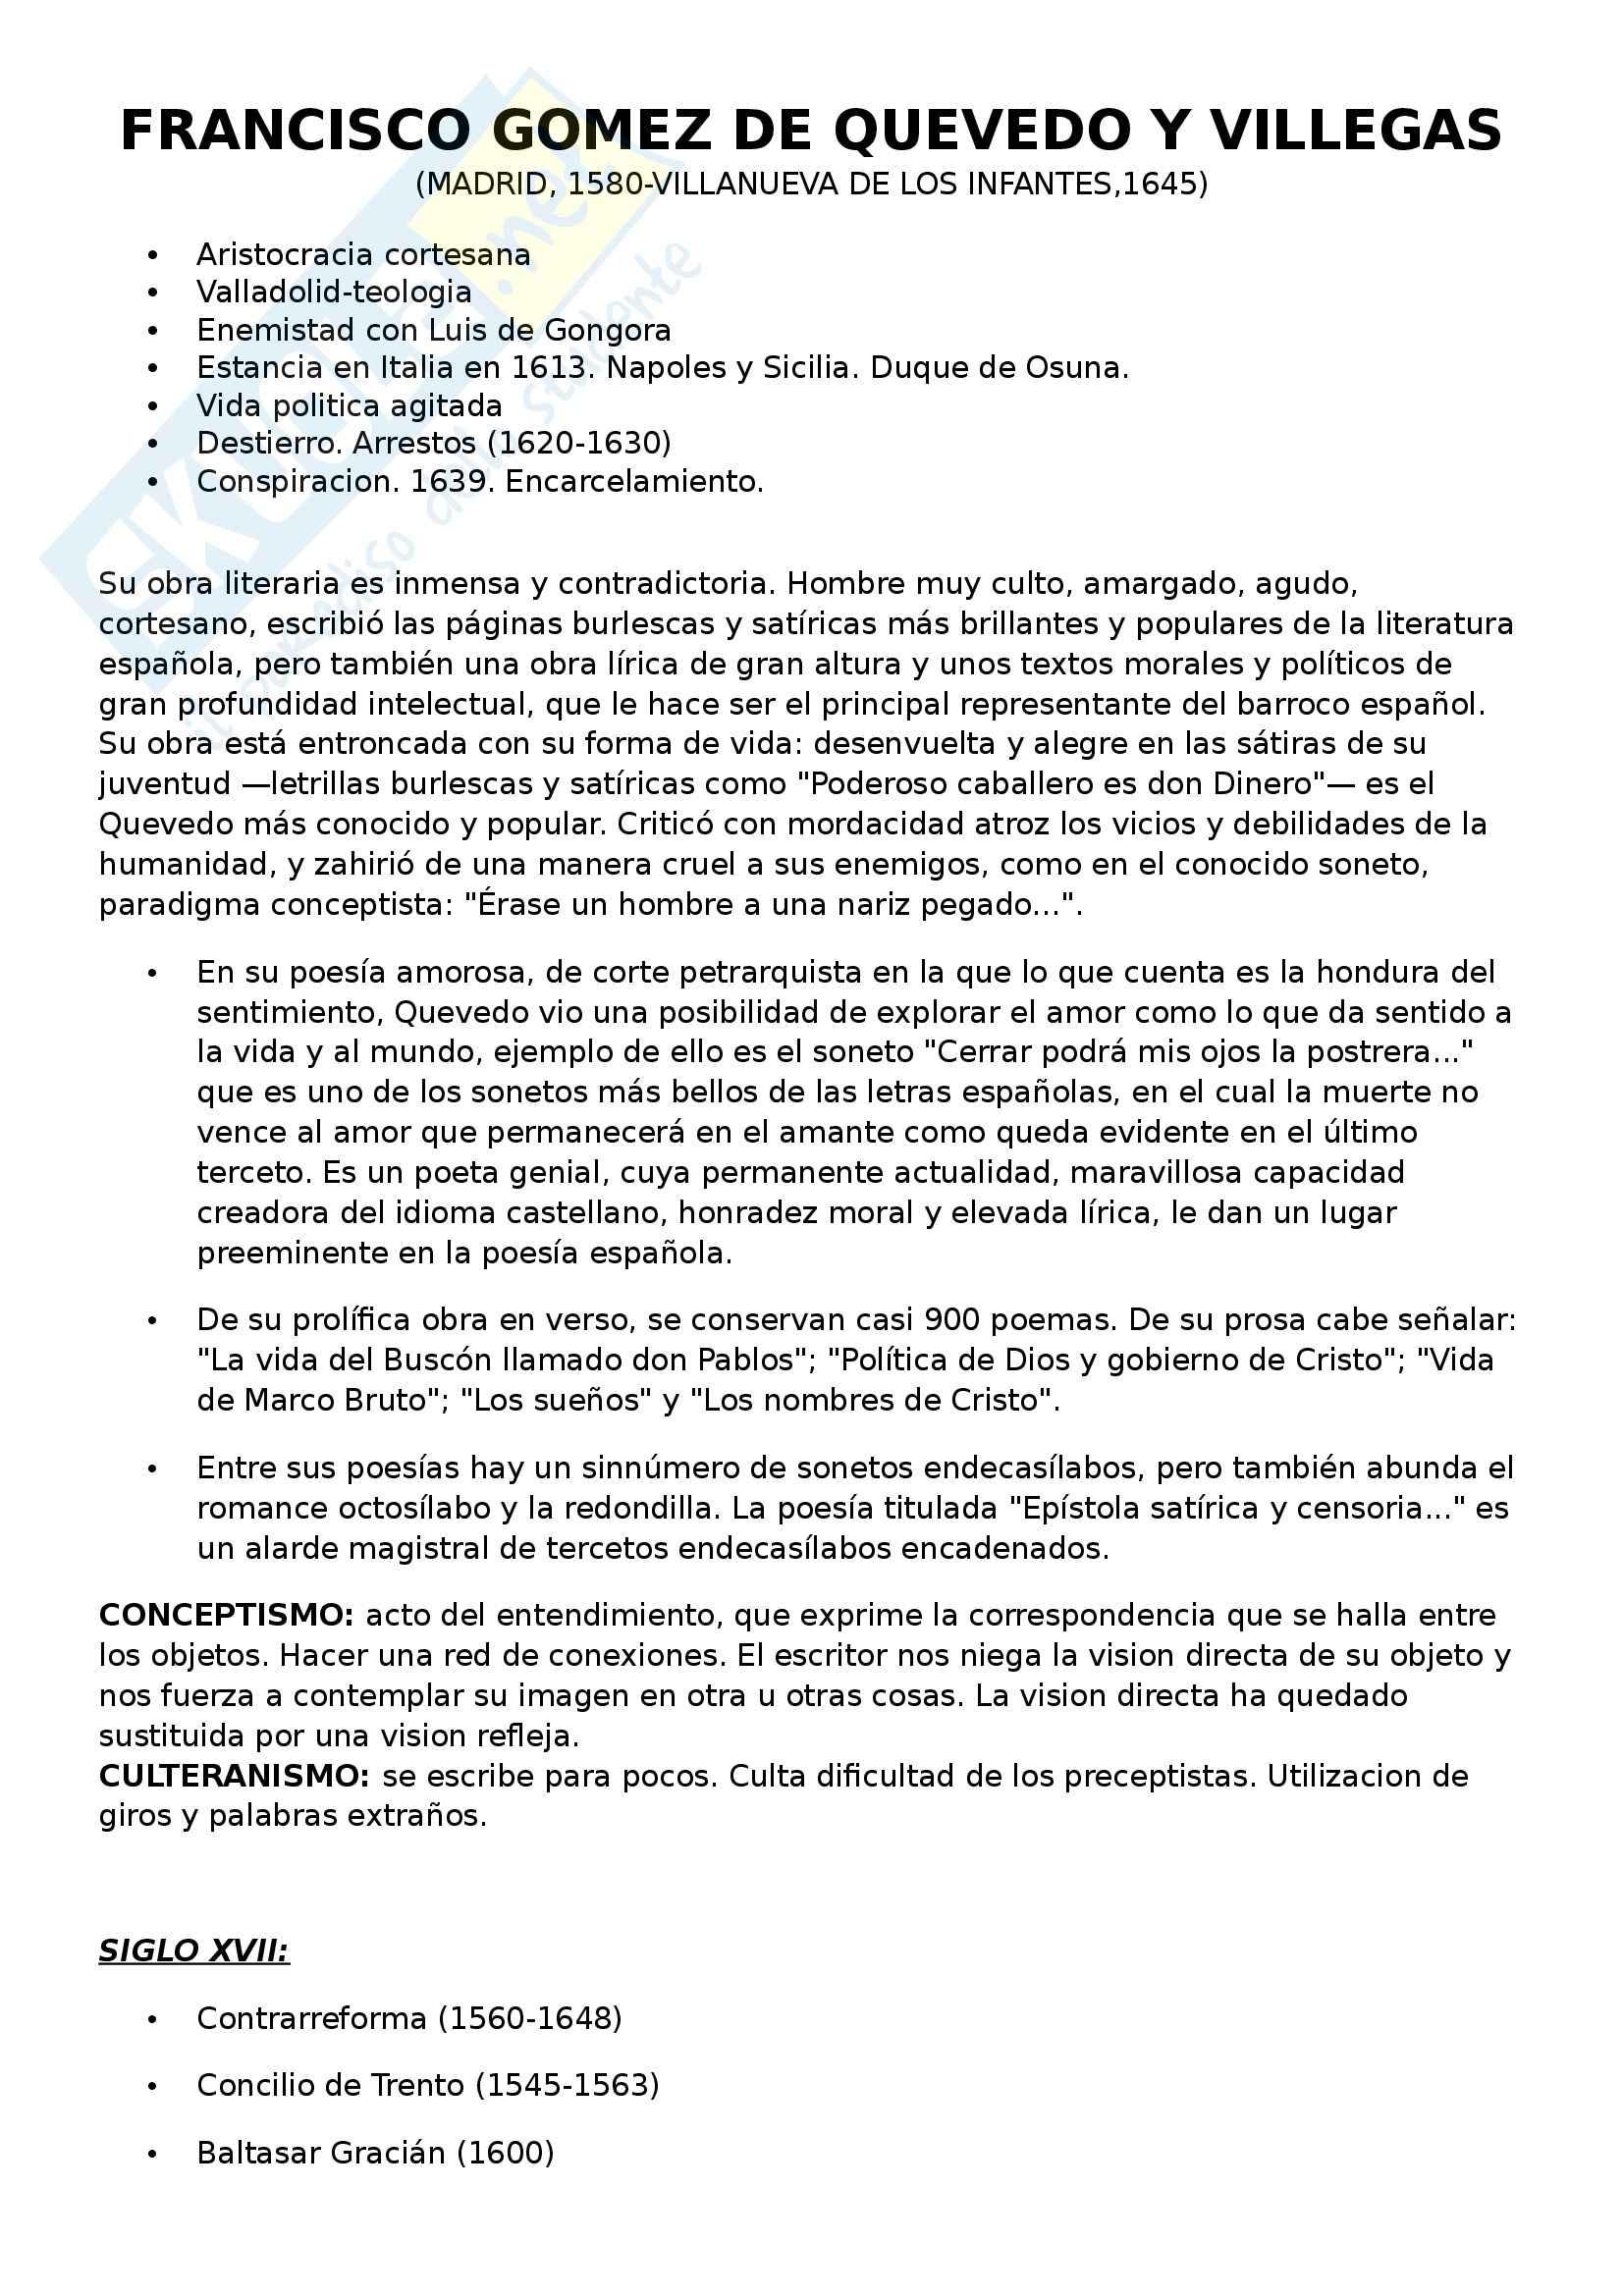 Letteratura spagnola - Francisco Gomez  De Quevedo y Villegas